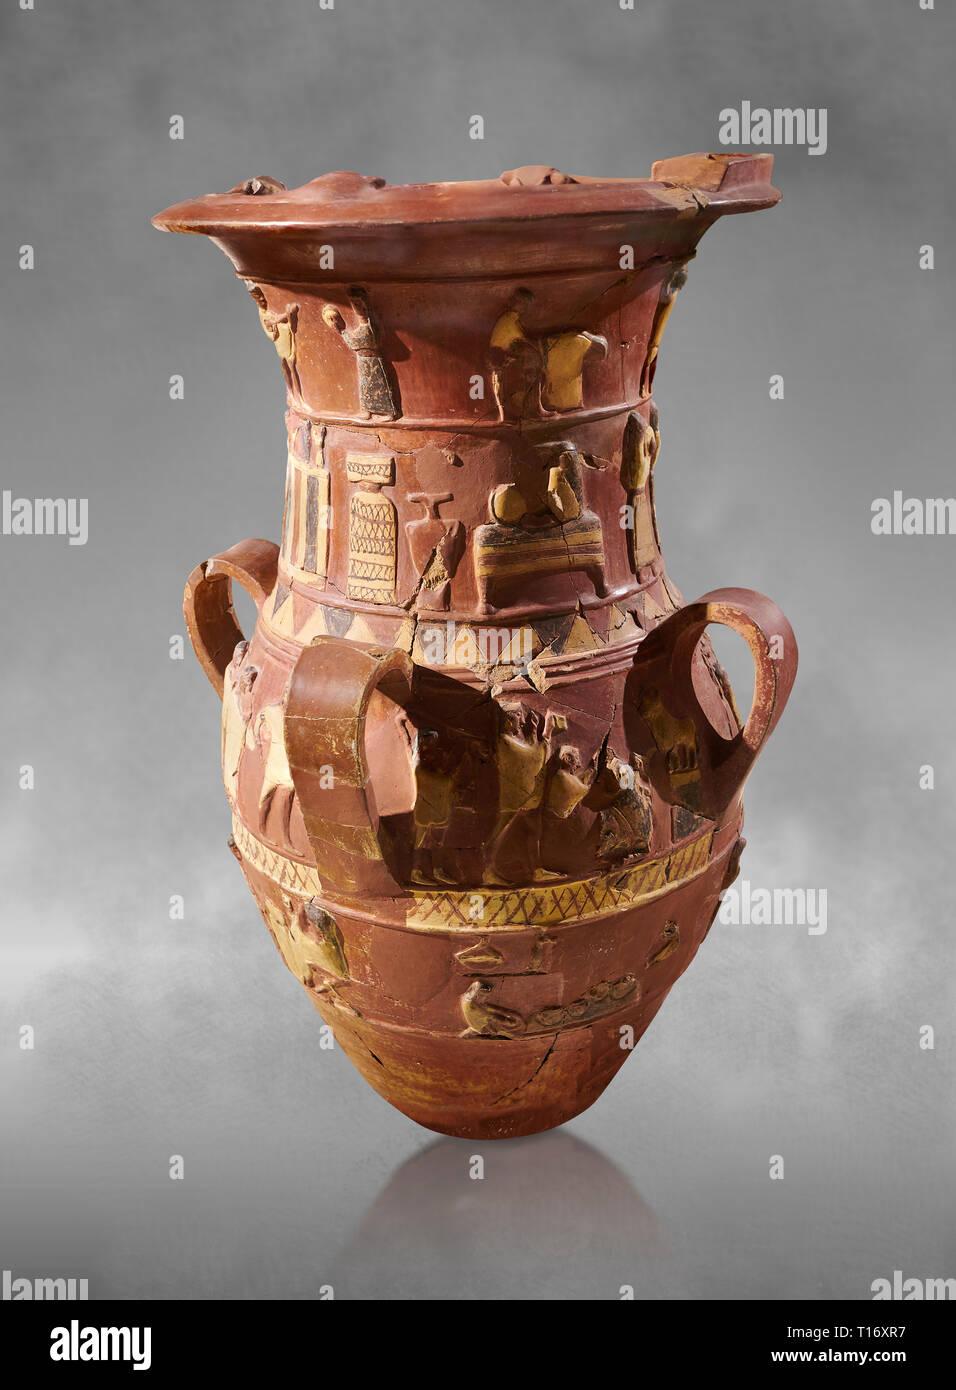 Inandik secours culte Hittite décoré de libation vase avec quatre frises décoratives avec chiffres colorés en crème, rouge et noir. Dans le regist Banque D'Images